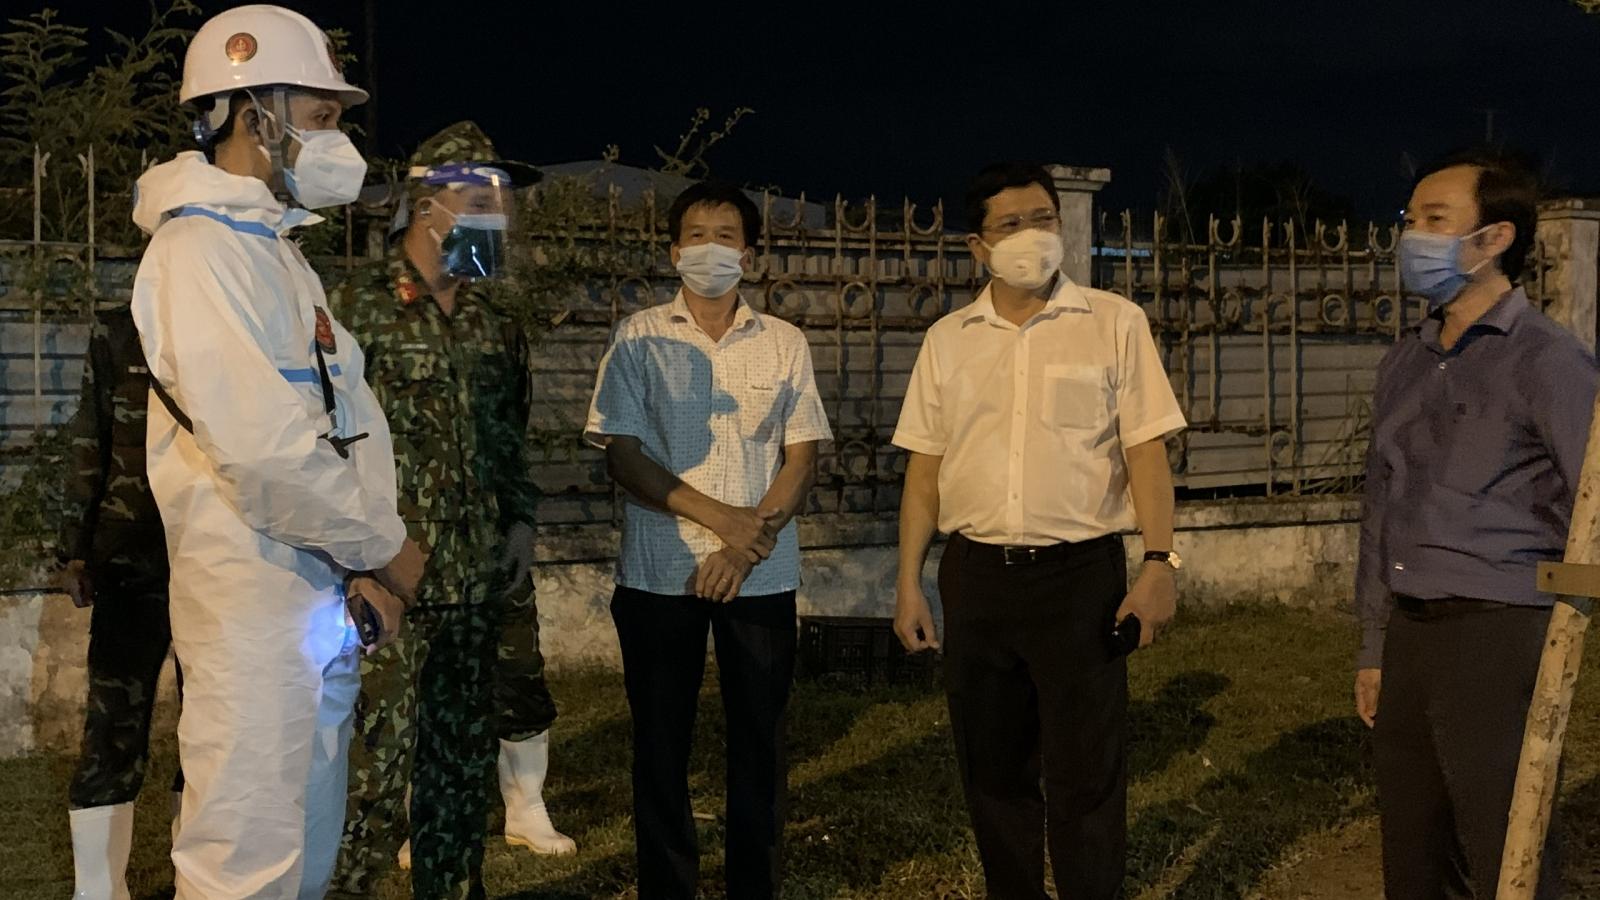 Đón người từ TP.HCM về: Đà Nẵng nói chưa miễn phí tiền ăn